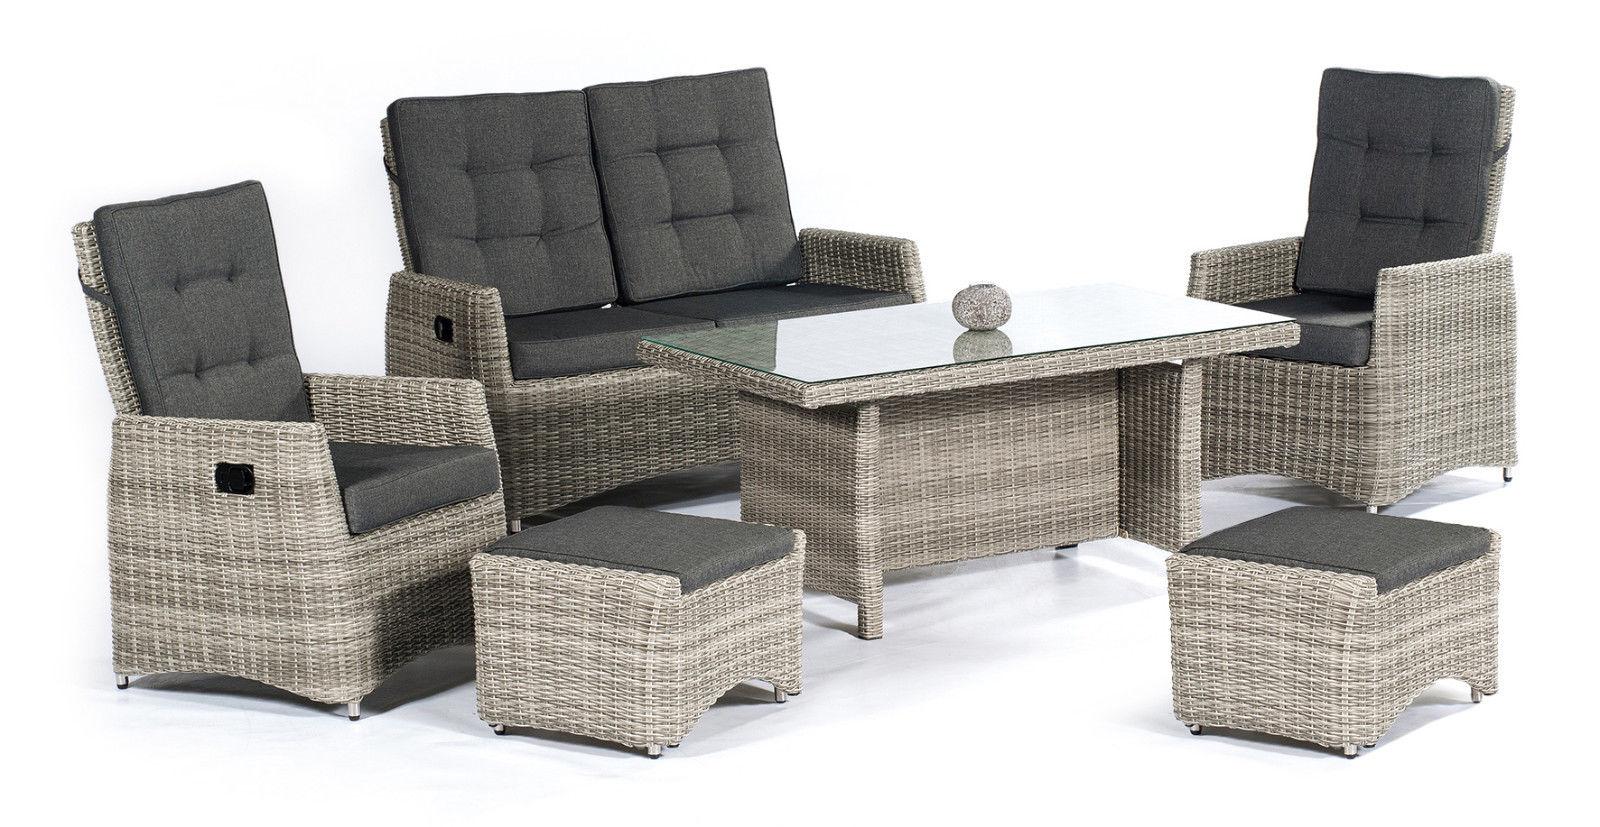 roseville polyrattan lounge gartenm bel sitzgruppe natur lounge m bel garten. Black Bedroom Furniture Sets. Home Design Ideas